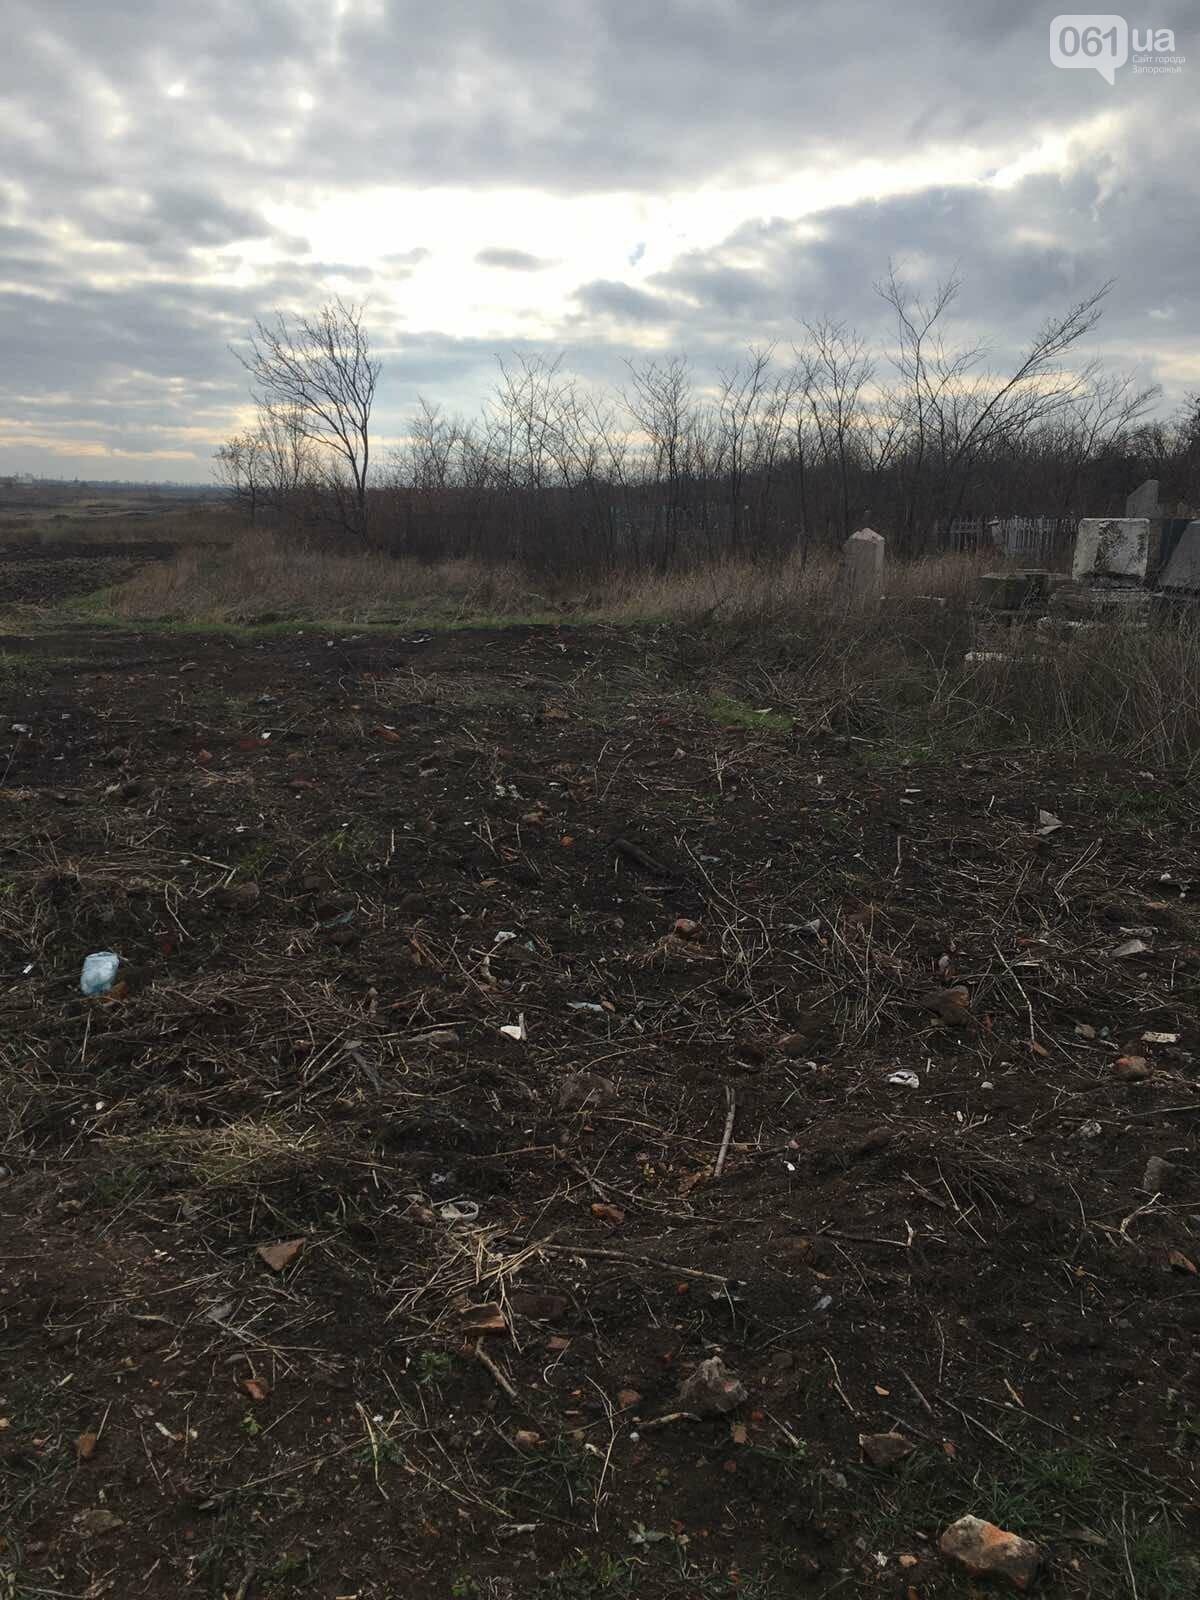 Урожай на костях: в Гуляйполе фермер распахал еврейское кладбище, - ФОТО, фото-7